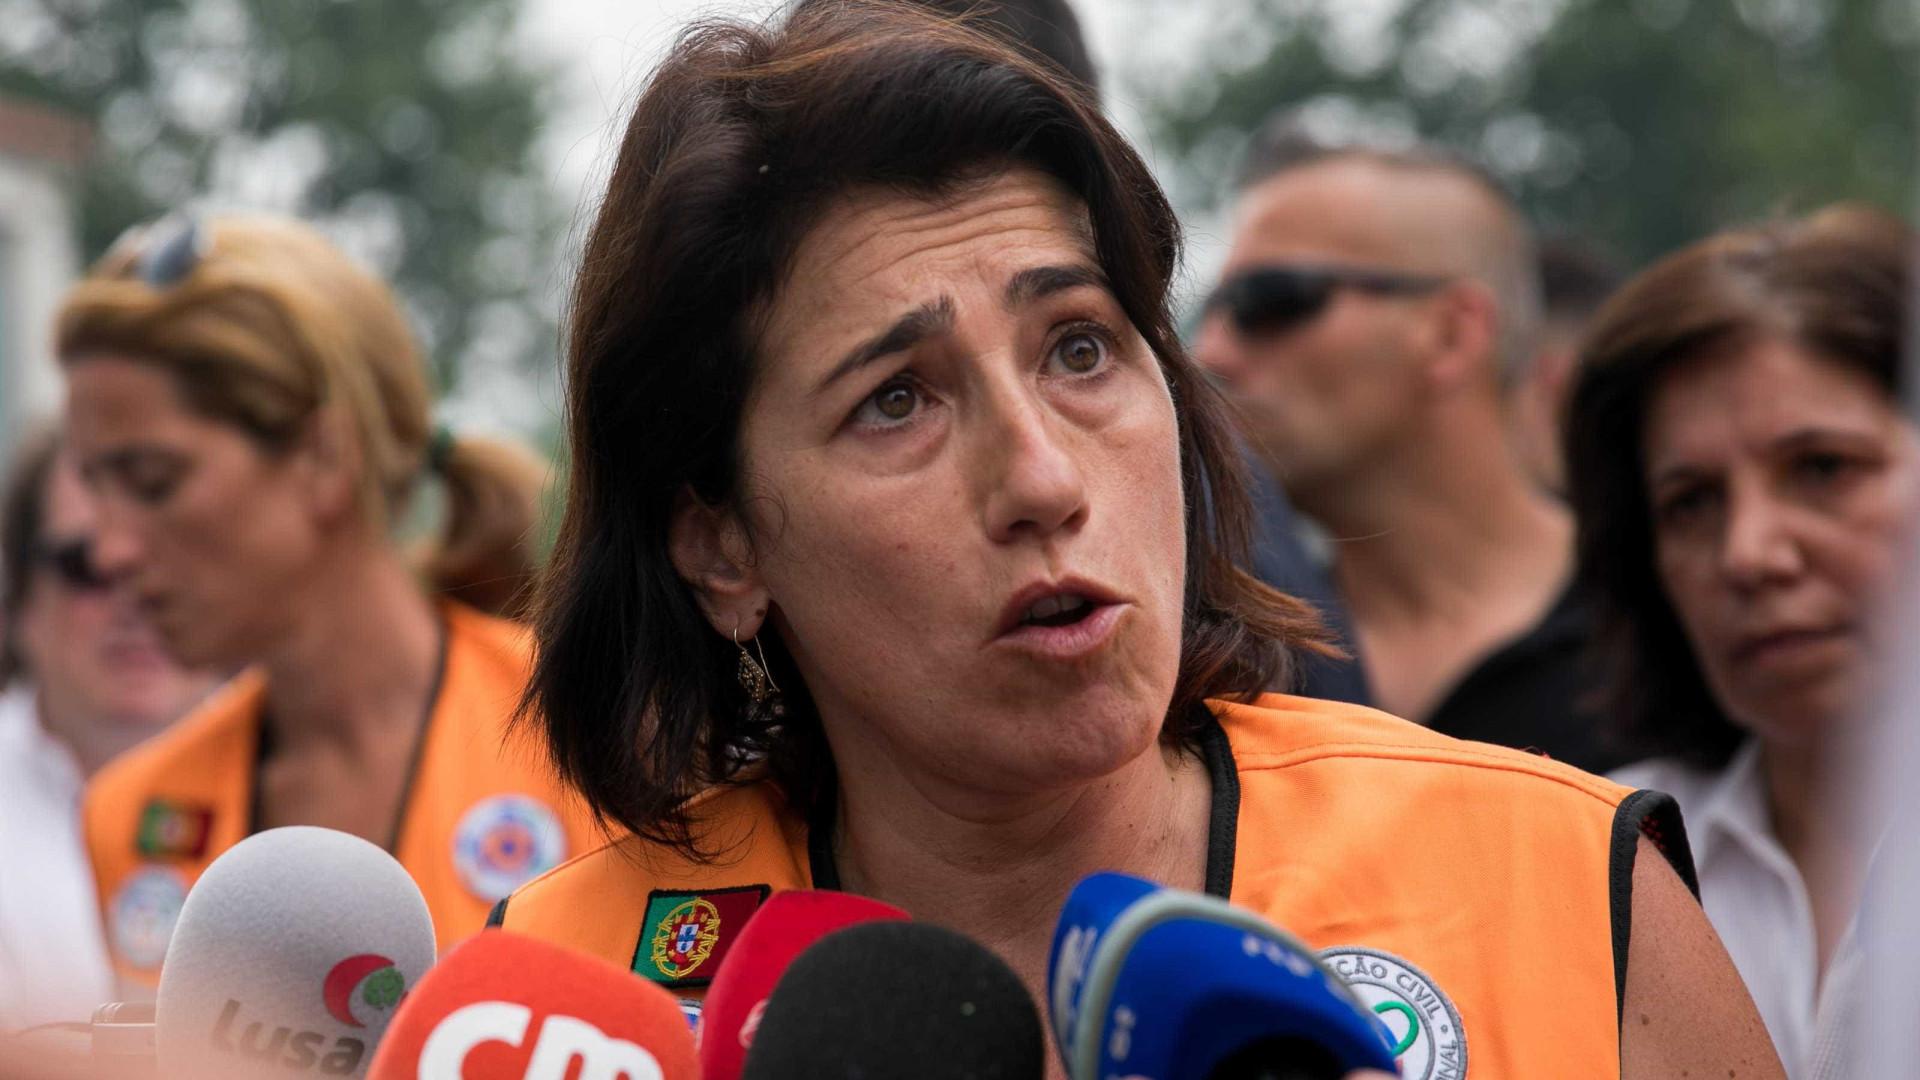 Proteção Civil: Ministra quis demitir comandante nacional. Ele recusou